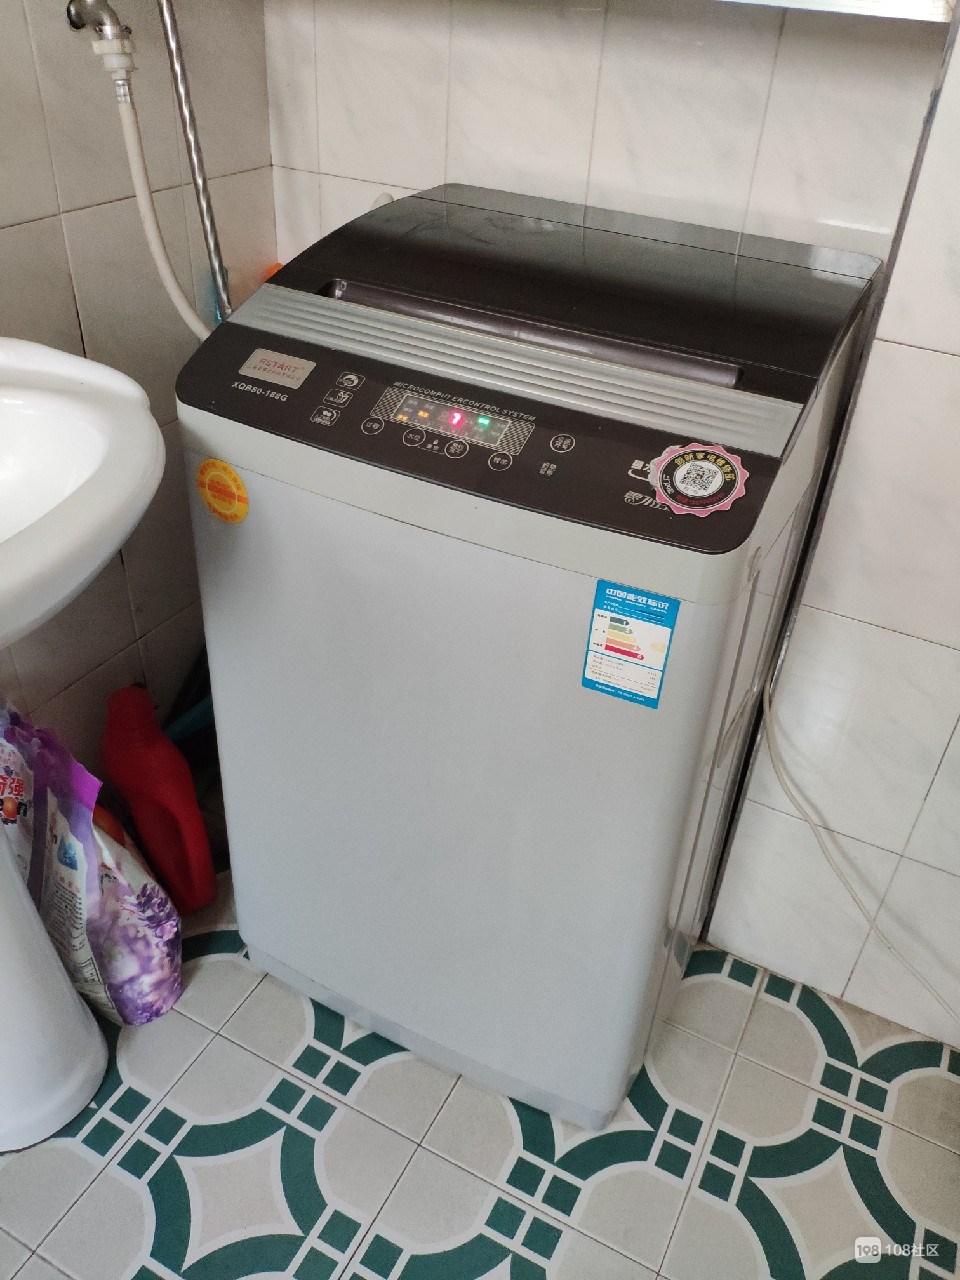 安空调维仹ak9c_创新家电维修部安装清洗维修冰箱,洗衣机,空调热水器